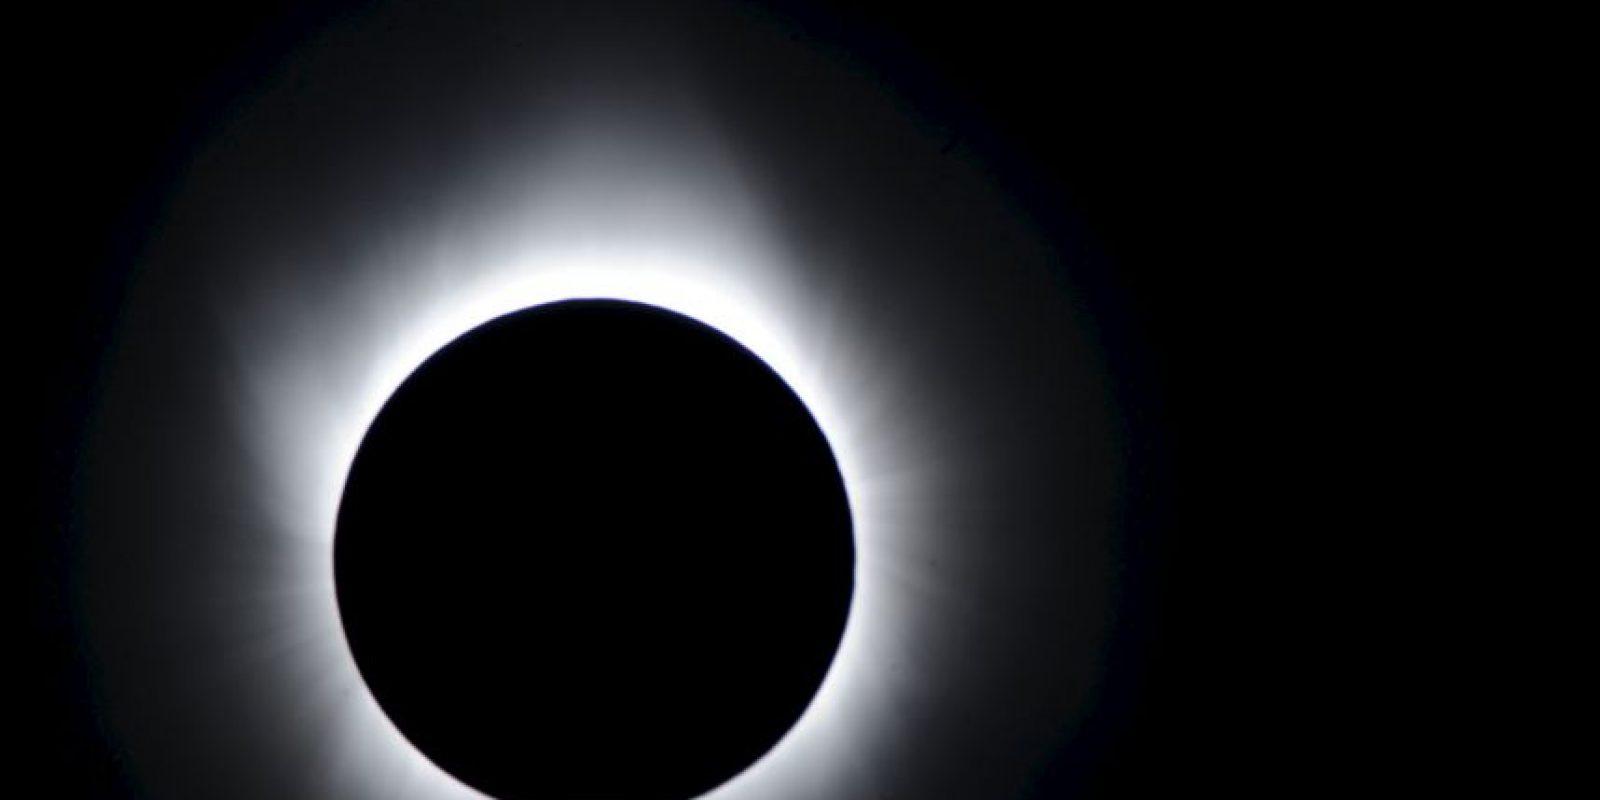 La forma más sencilla y común de observar un eclipse solar es mediante la proyección a través de un agujero pequeño. Foto:Getty Images